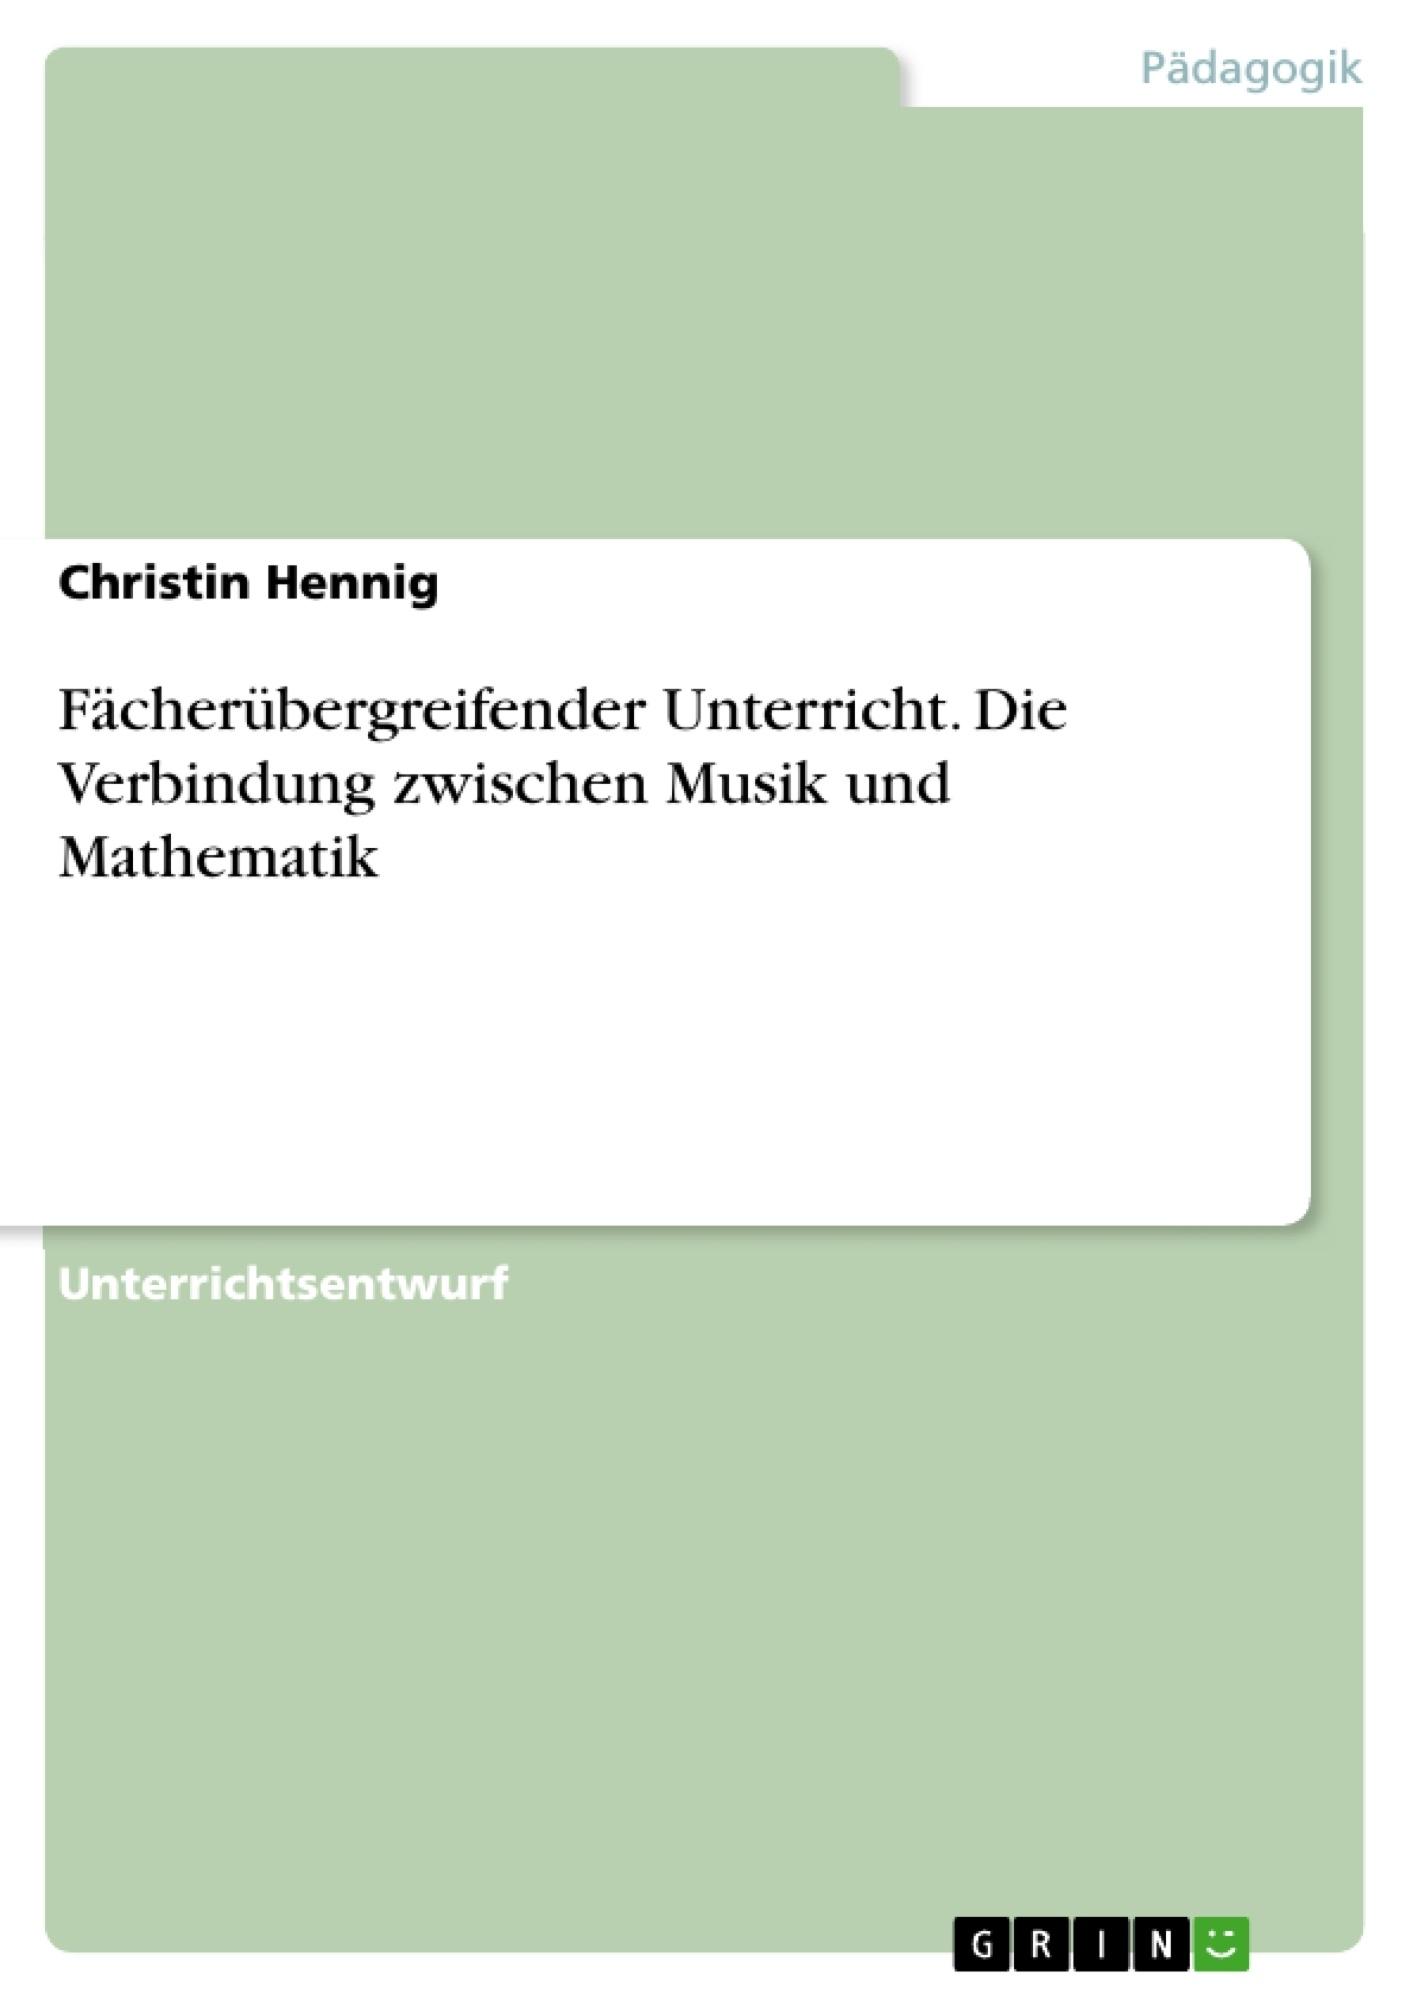 Titel: Fächerübergreifender Unterricht. Die Verbindung zwischen Musik und Mathematik